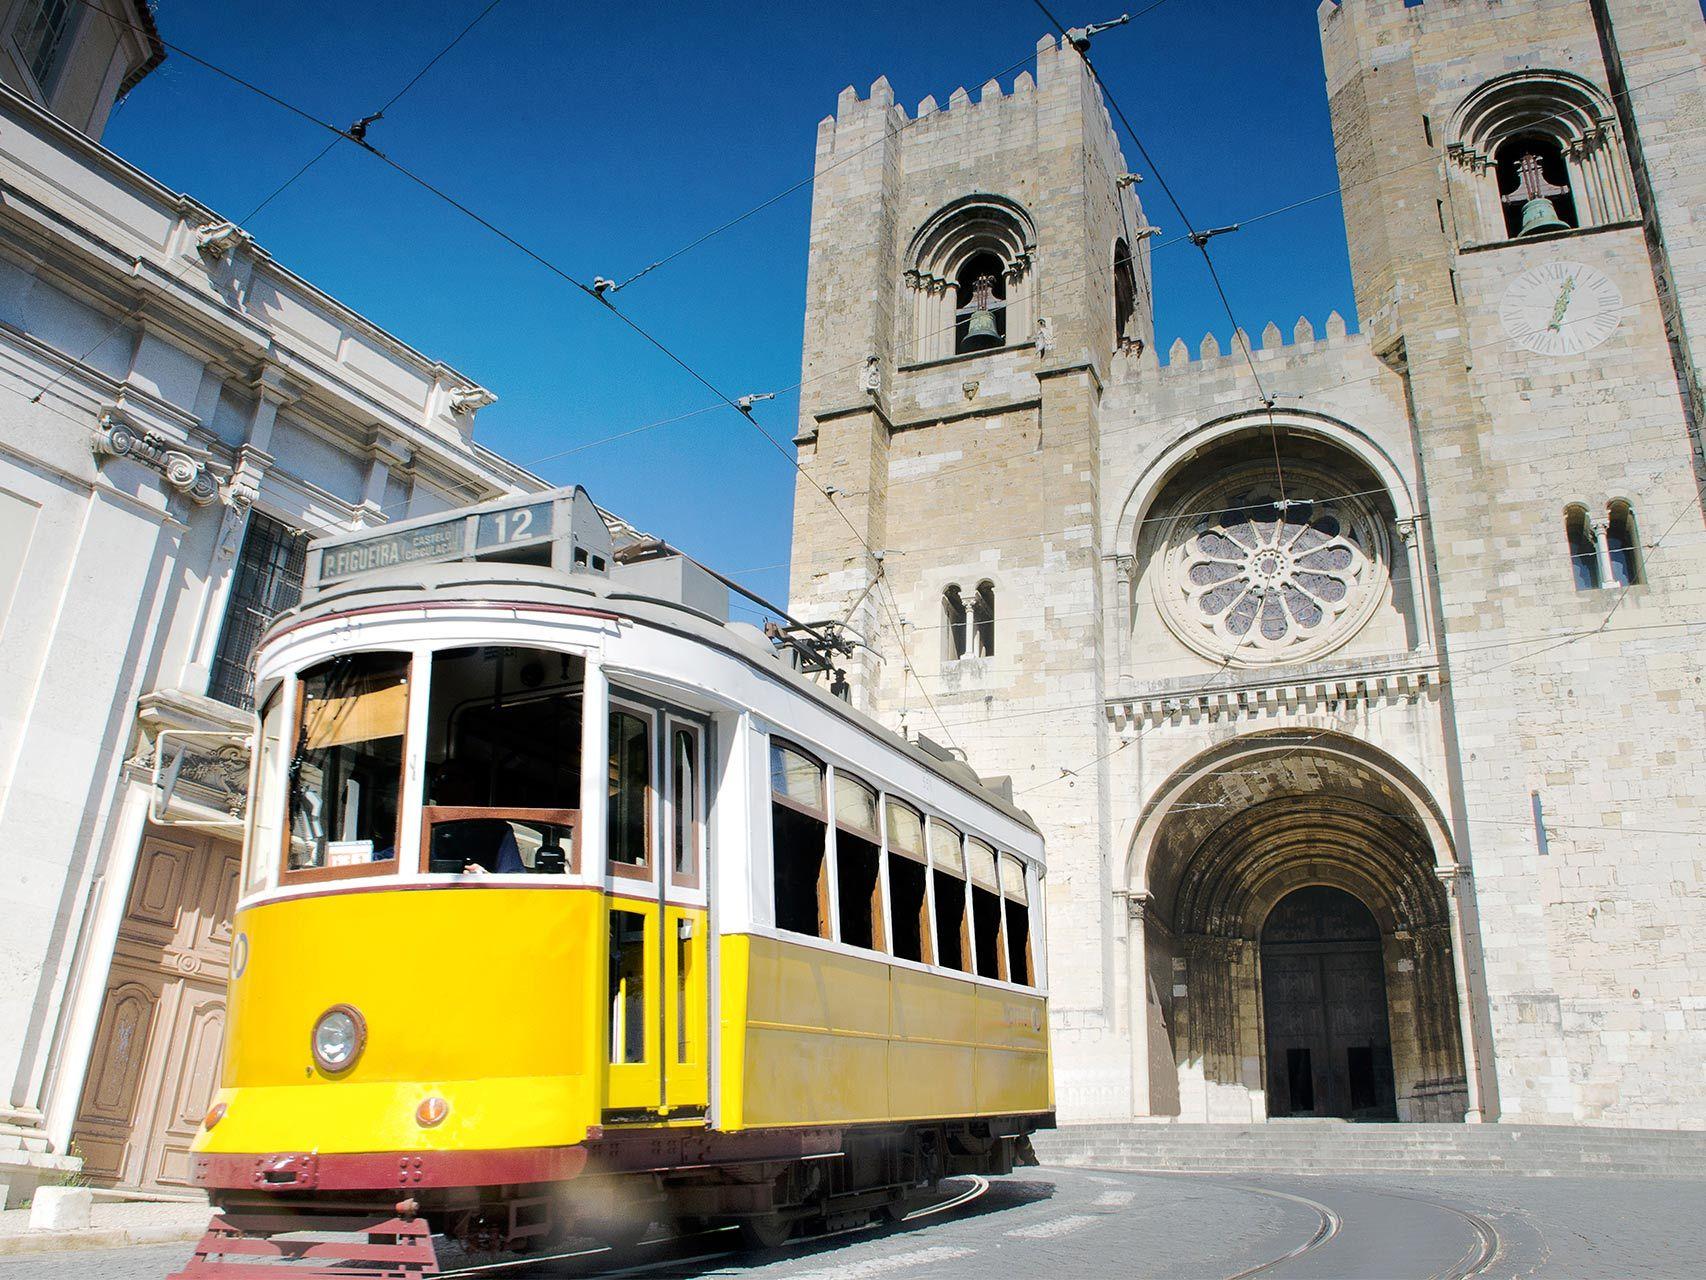 El famoso tranvía 28 junto a la Catedral de Lisboa.